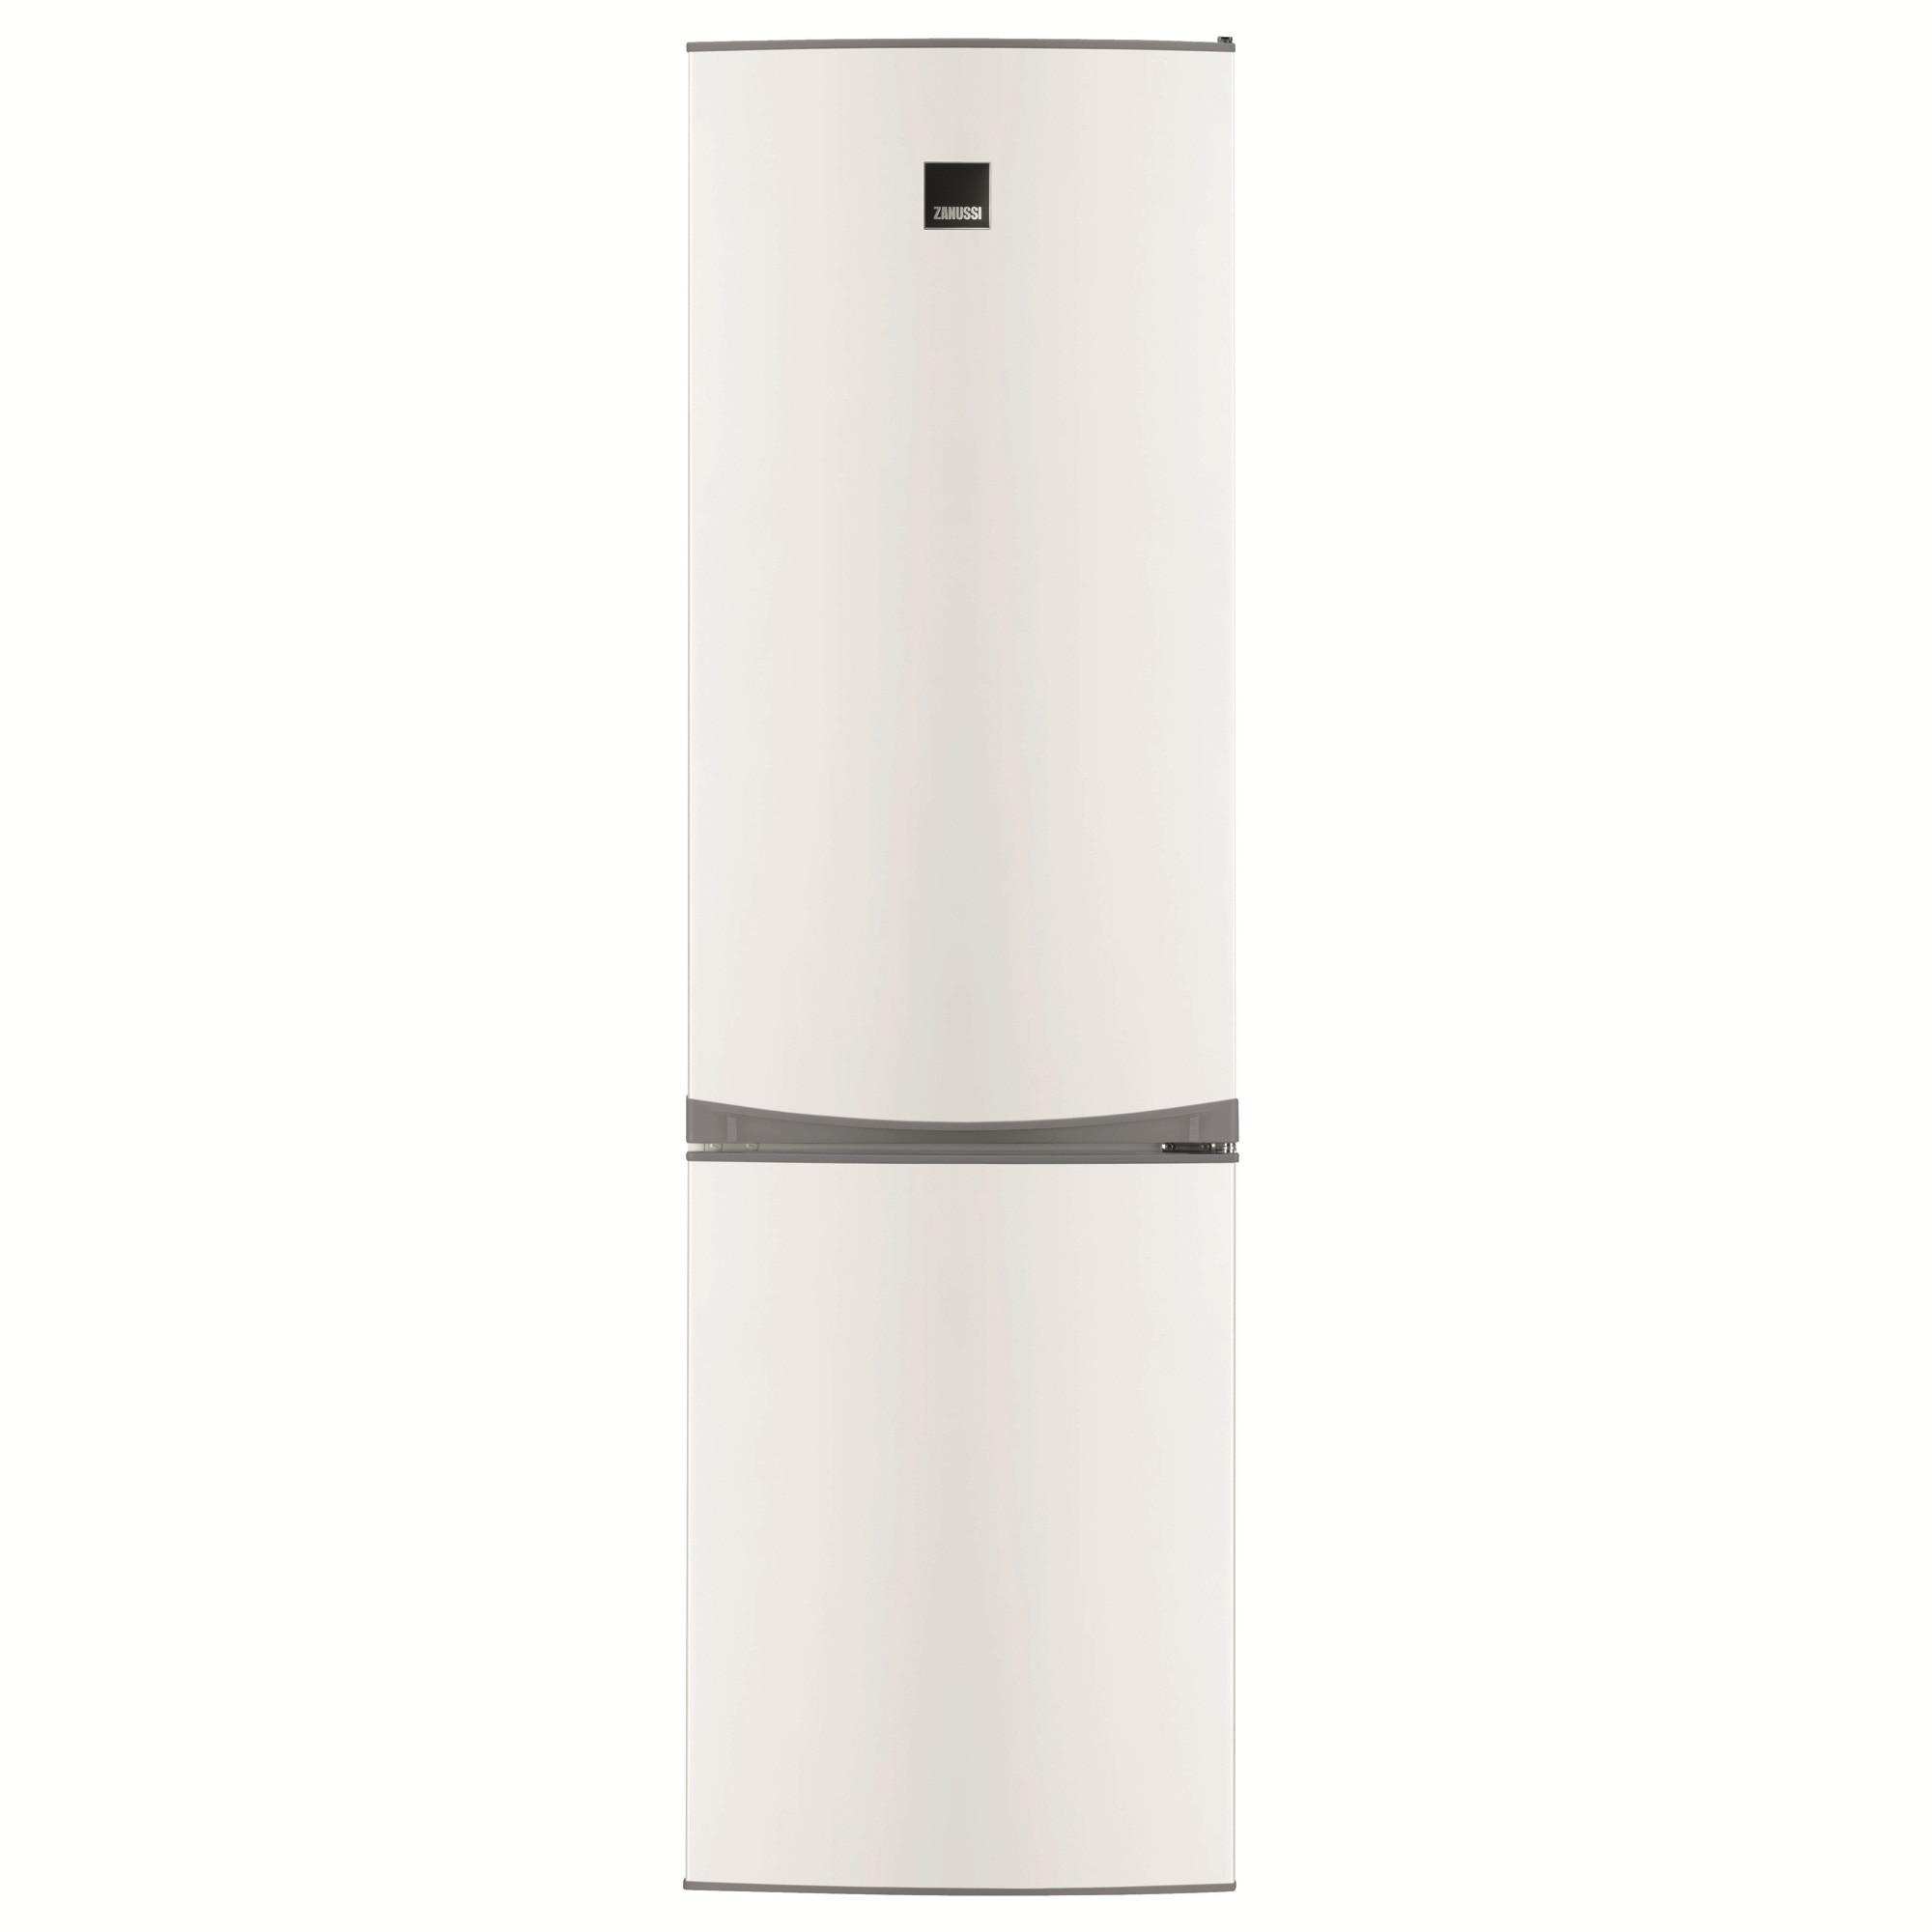 Хладилник Zanussi ZRB36101WA с обем от 337 л.